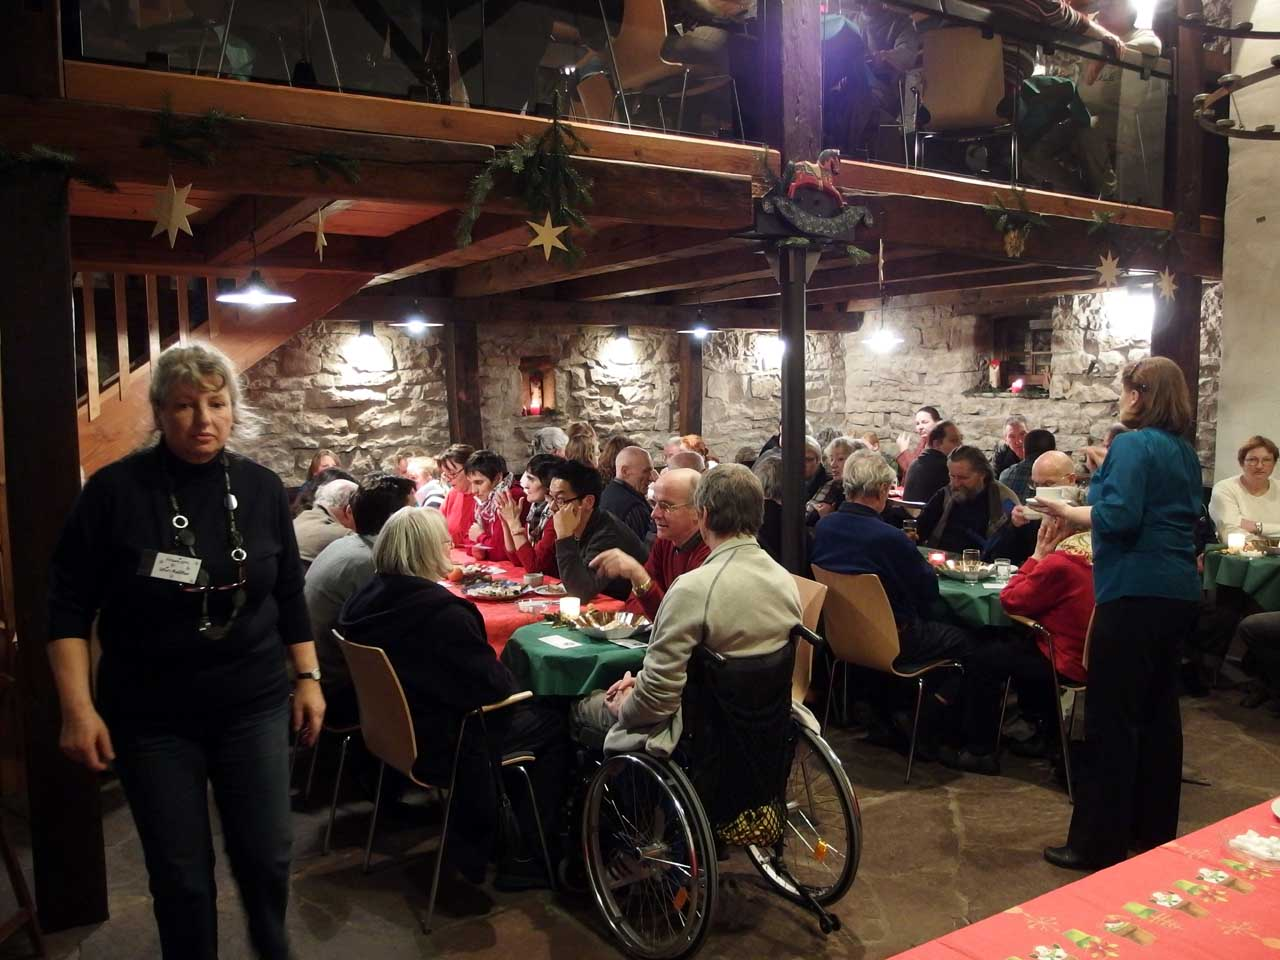 社会福祉法人ディアコニー主催、恵まれない人のための夕食会、カールスルーエ、2012.12.24. © Matsuda Masahiro